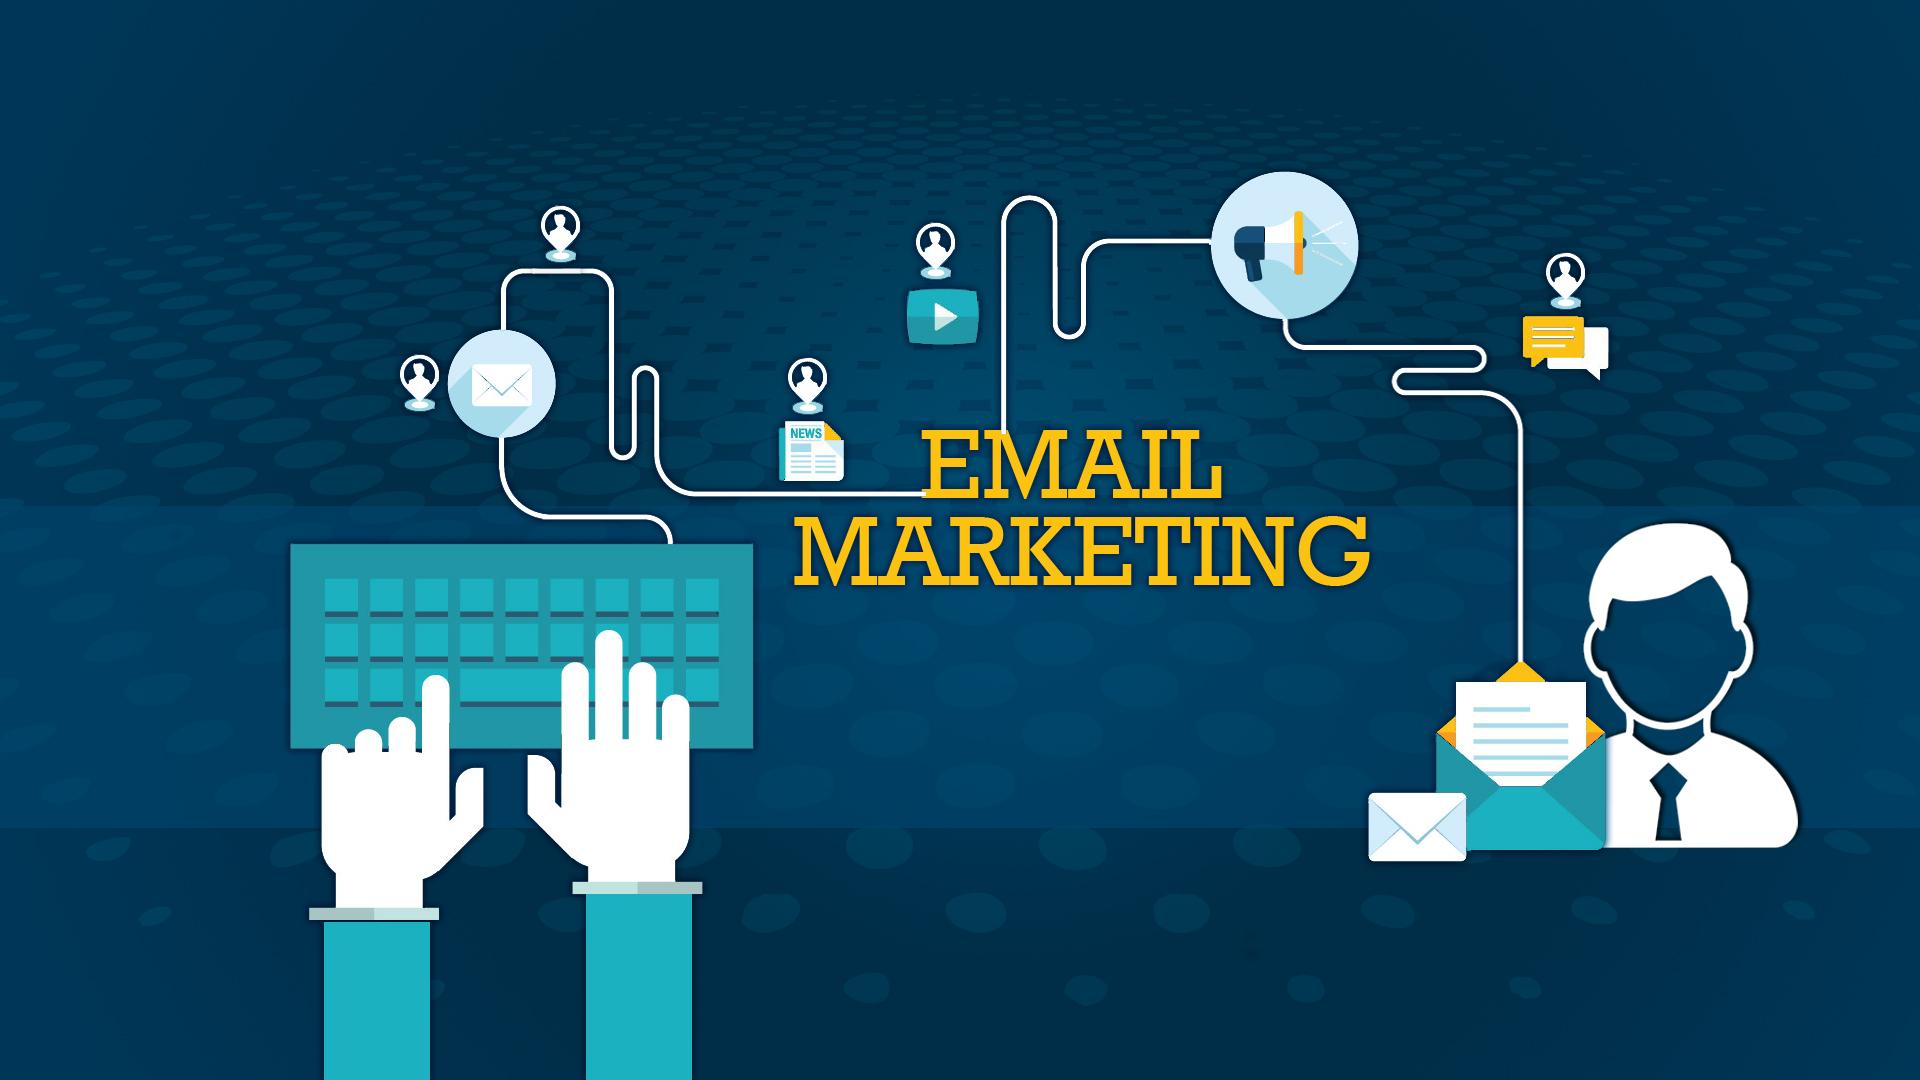 Bạn có thể tích hợp quảng cáo chéo với email marketing